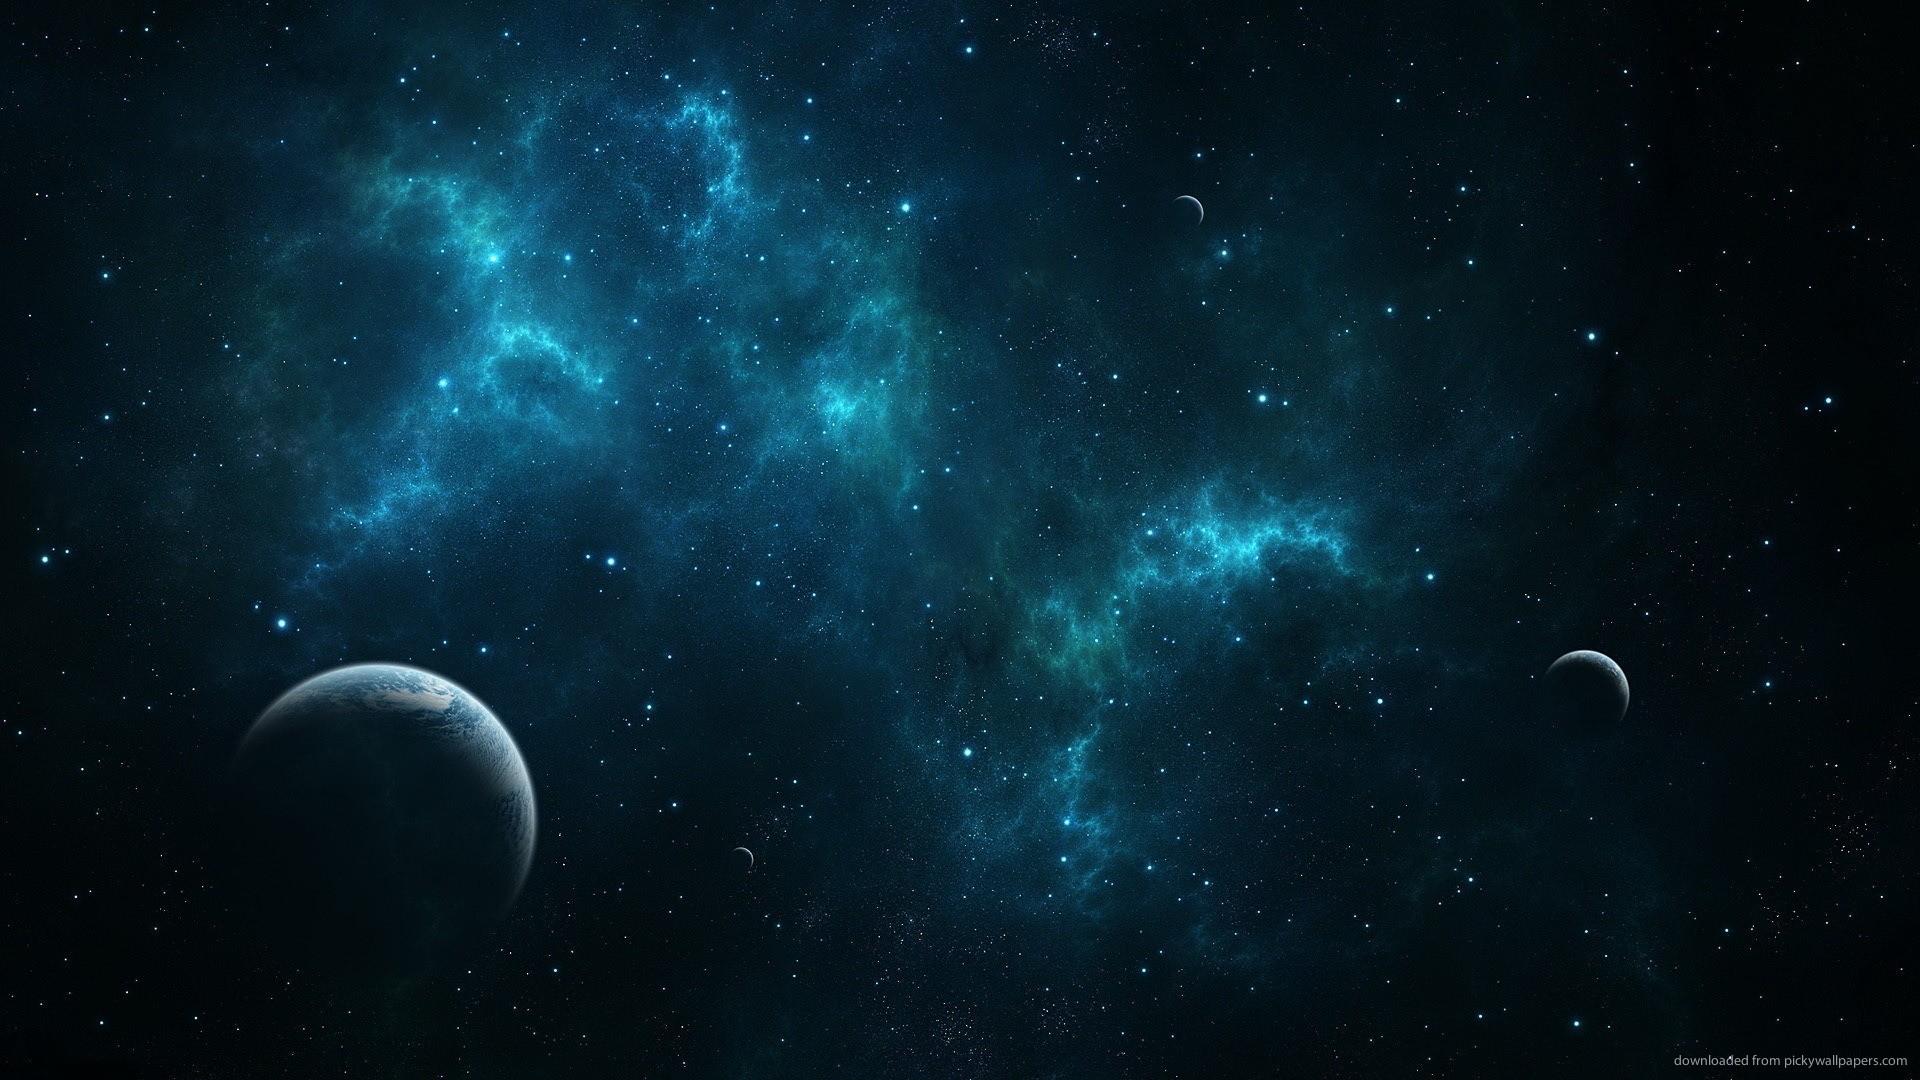 Deep Blue Space Wallpaper